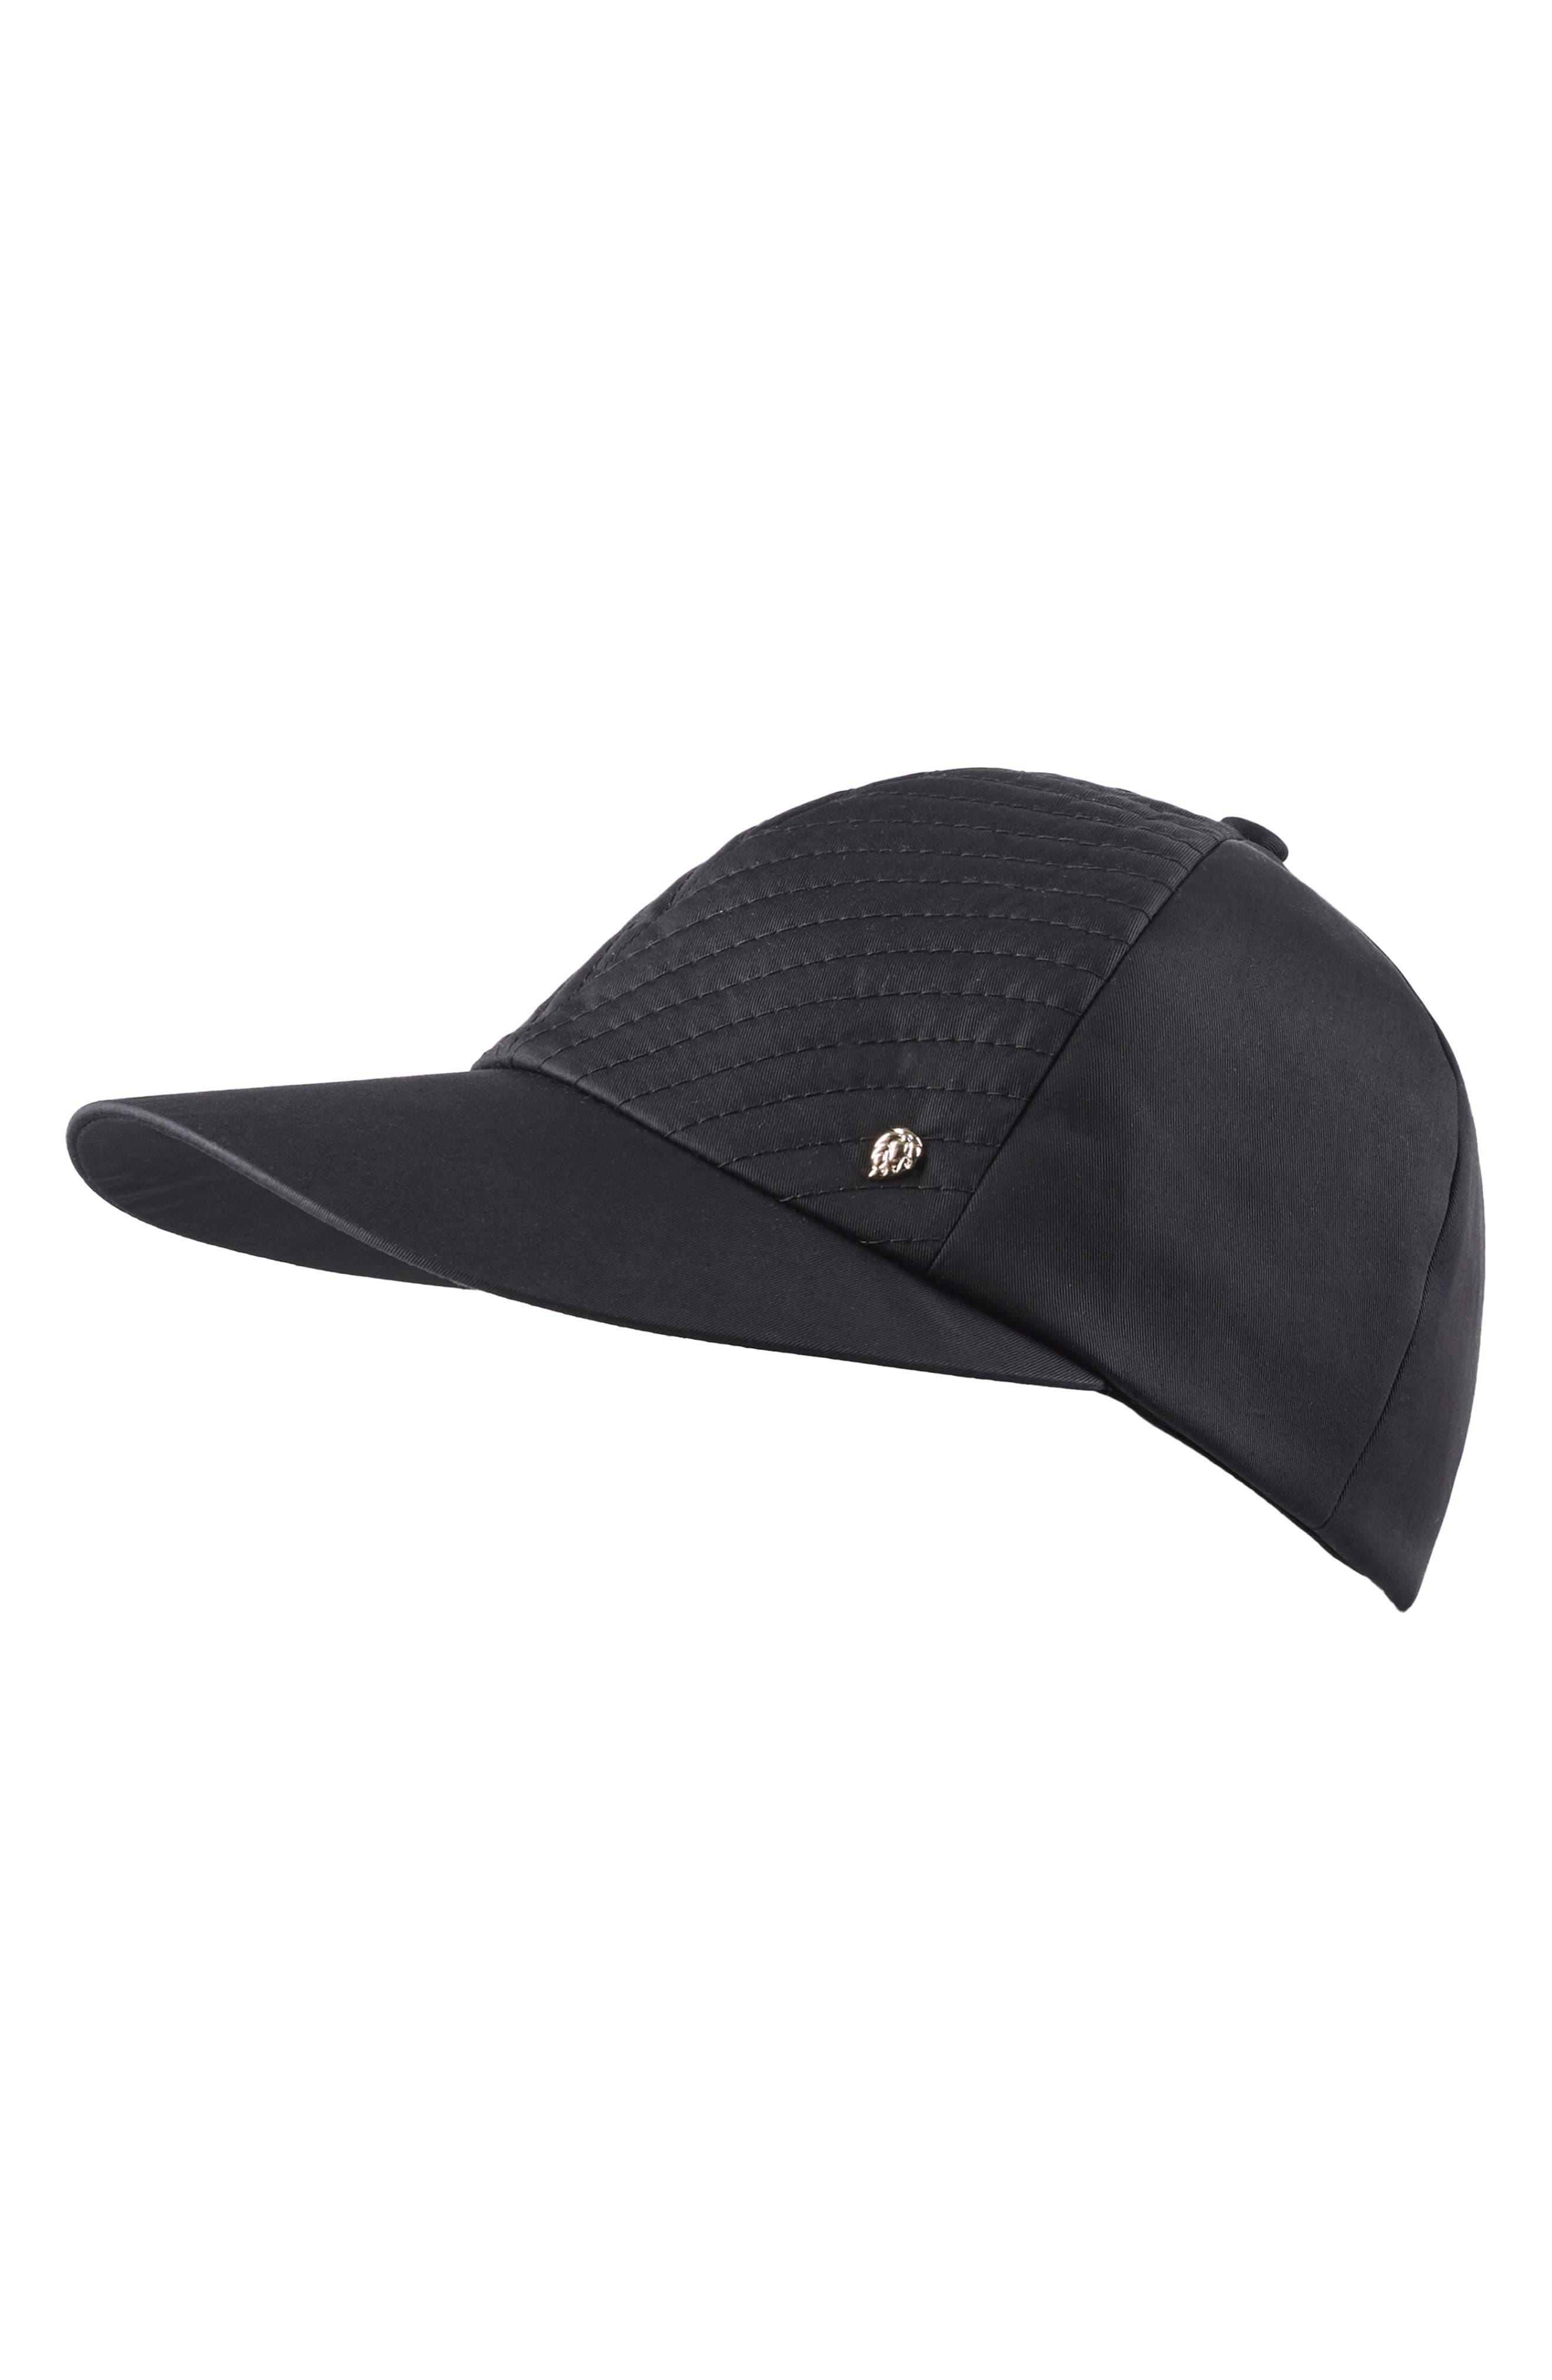 HELEN KAMINSKI Water Resistant Baseball Cap, Main, color, BLACK